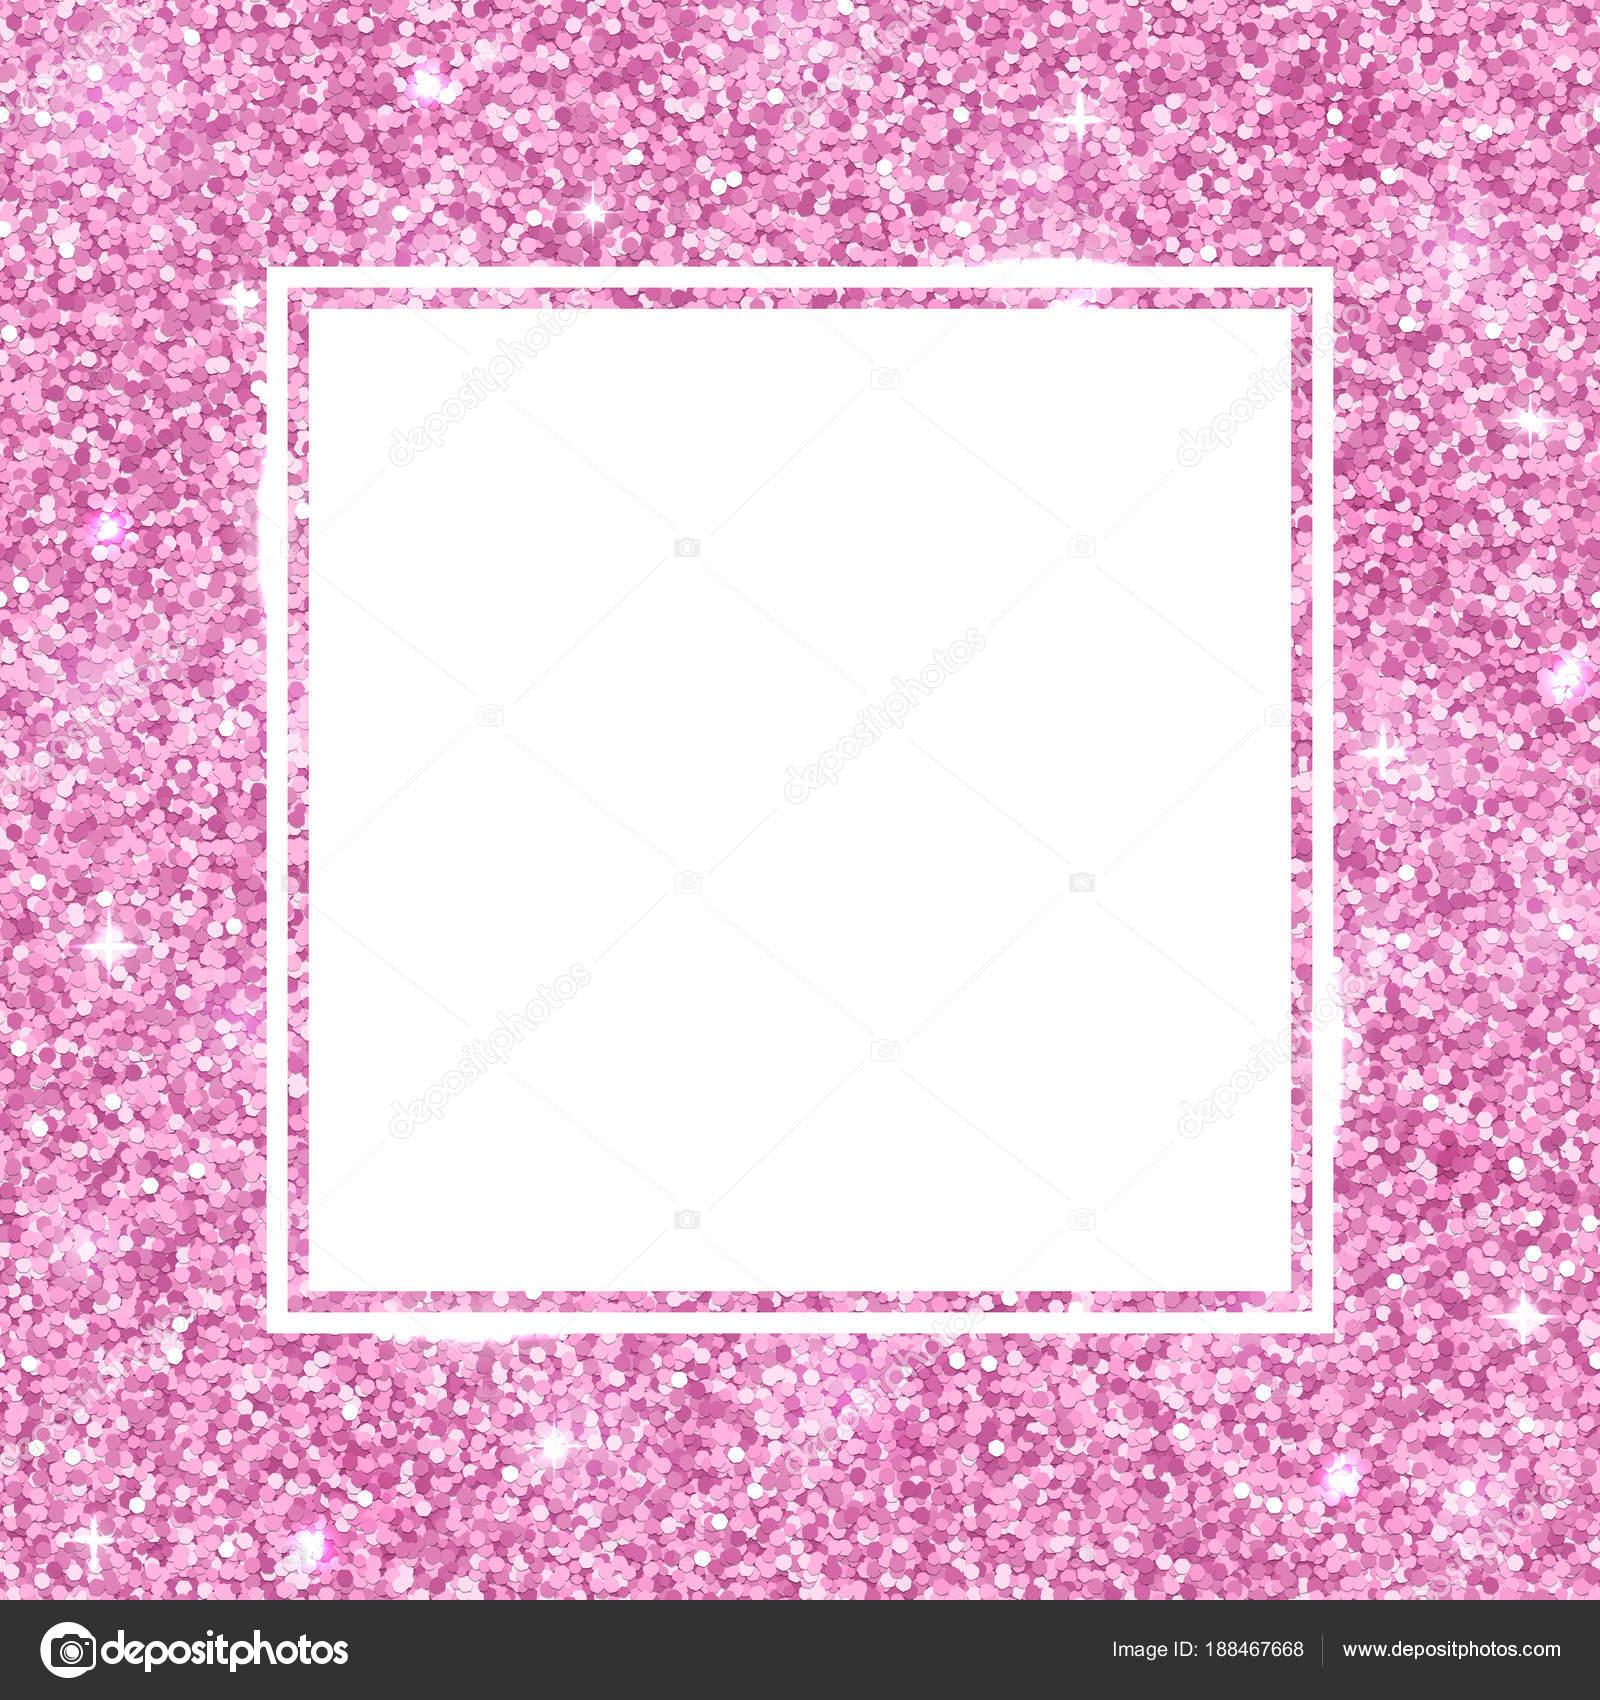 Nett Glitter Bilderrahmen Ideen - Rahmen Ideen - markjohnsonshow.info